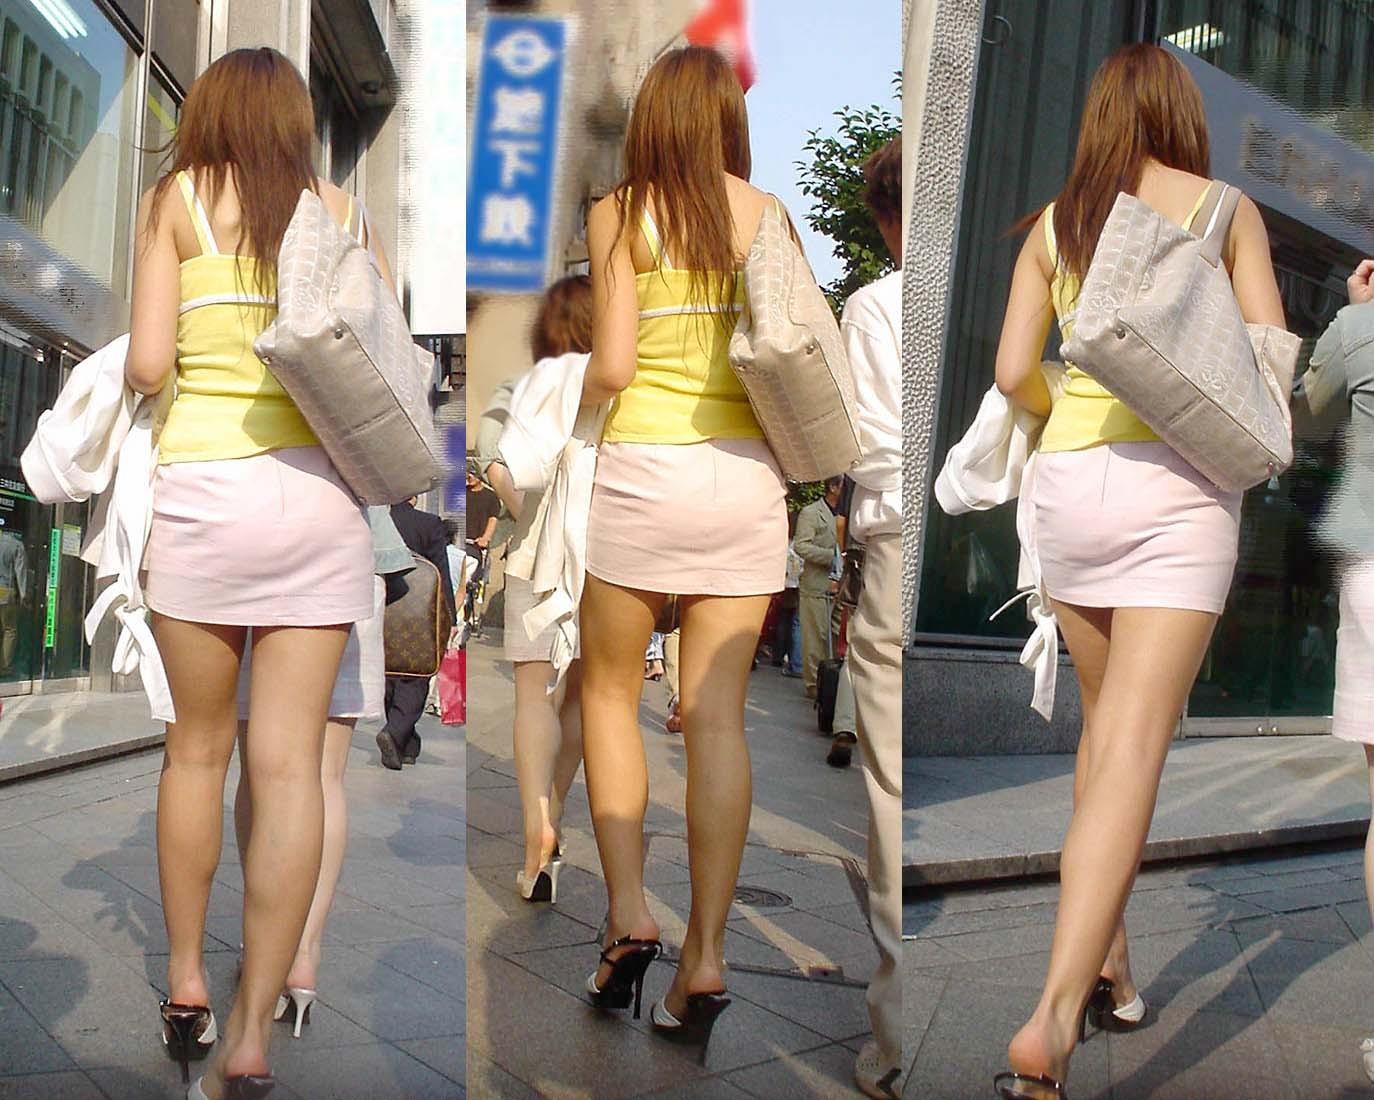 【脚フェチ画像】踵が高いほどそそるwwwピンヒールの生美脚画像 03